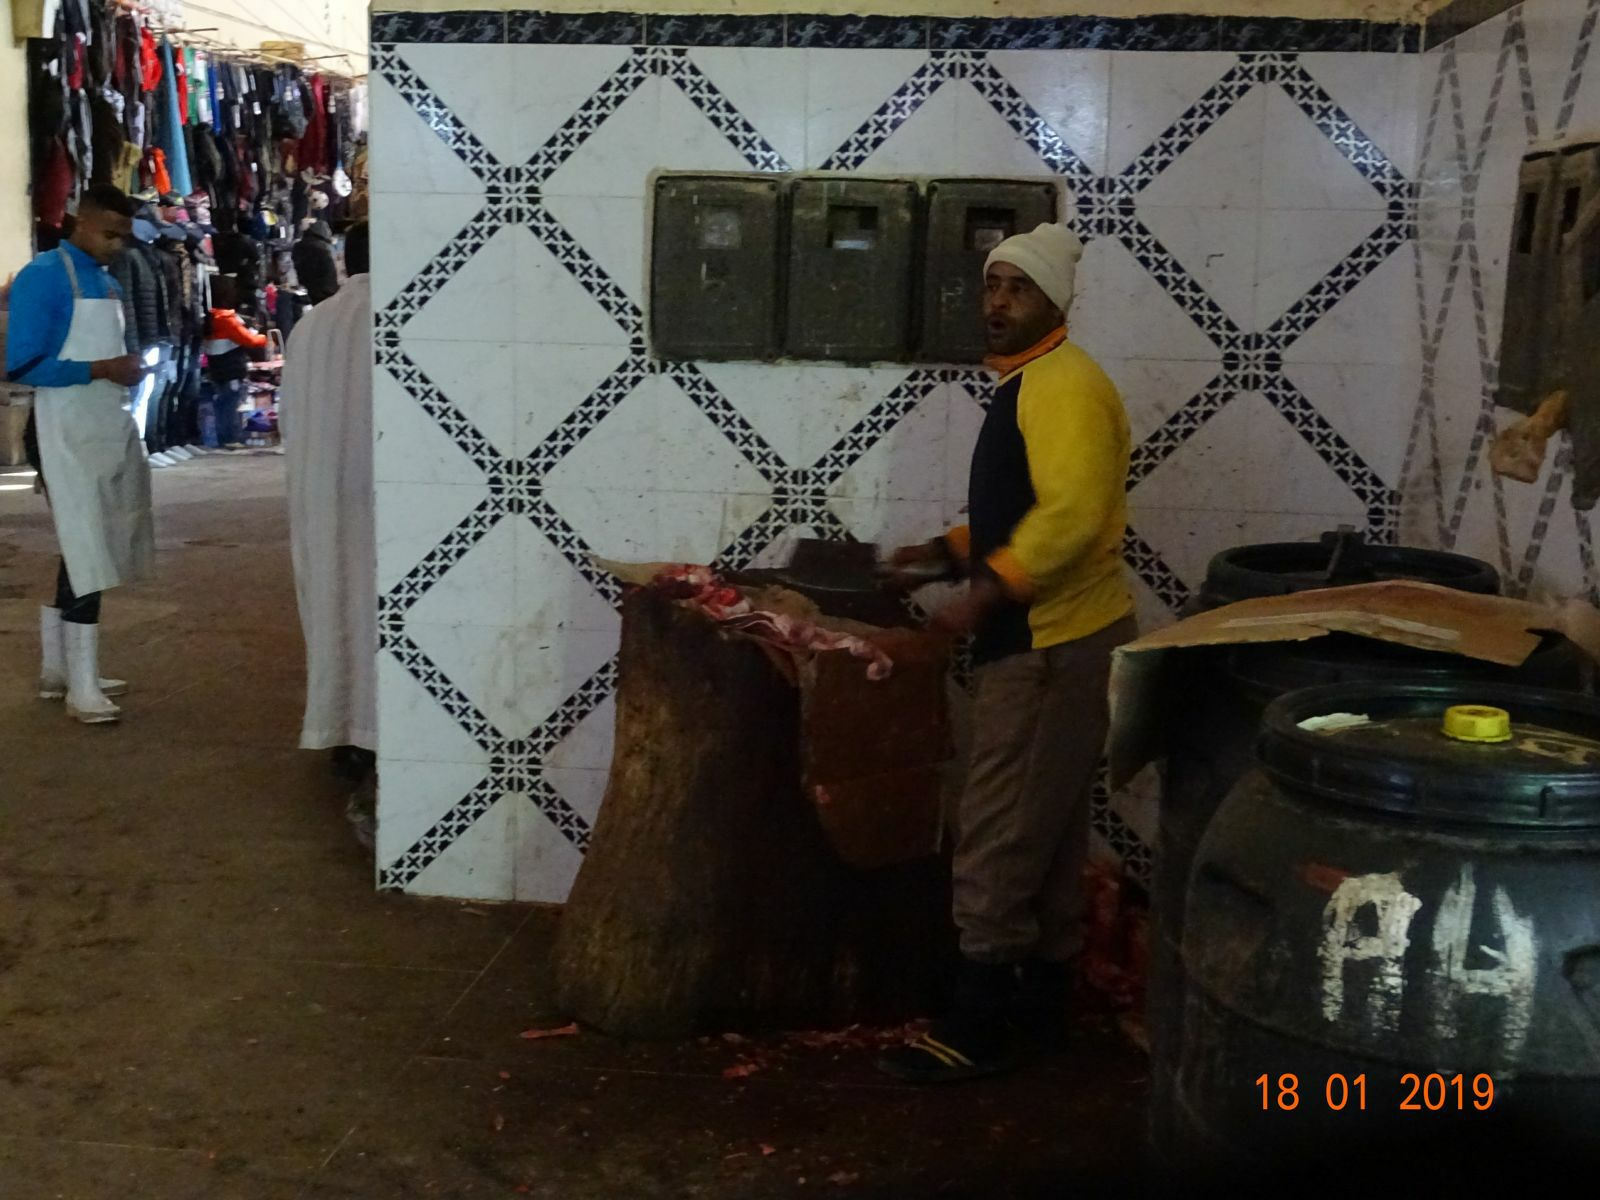 Depecage de la viande